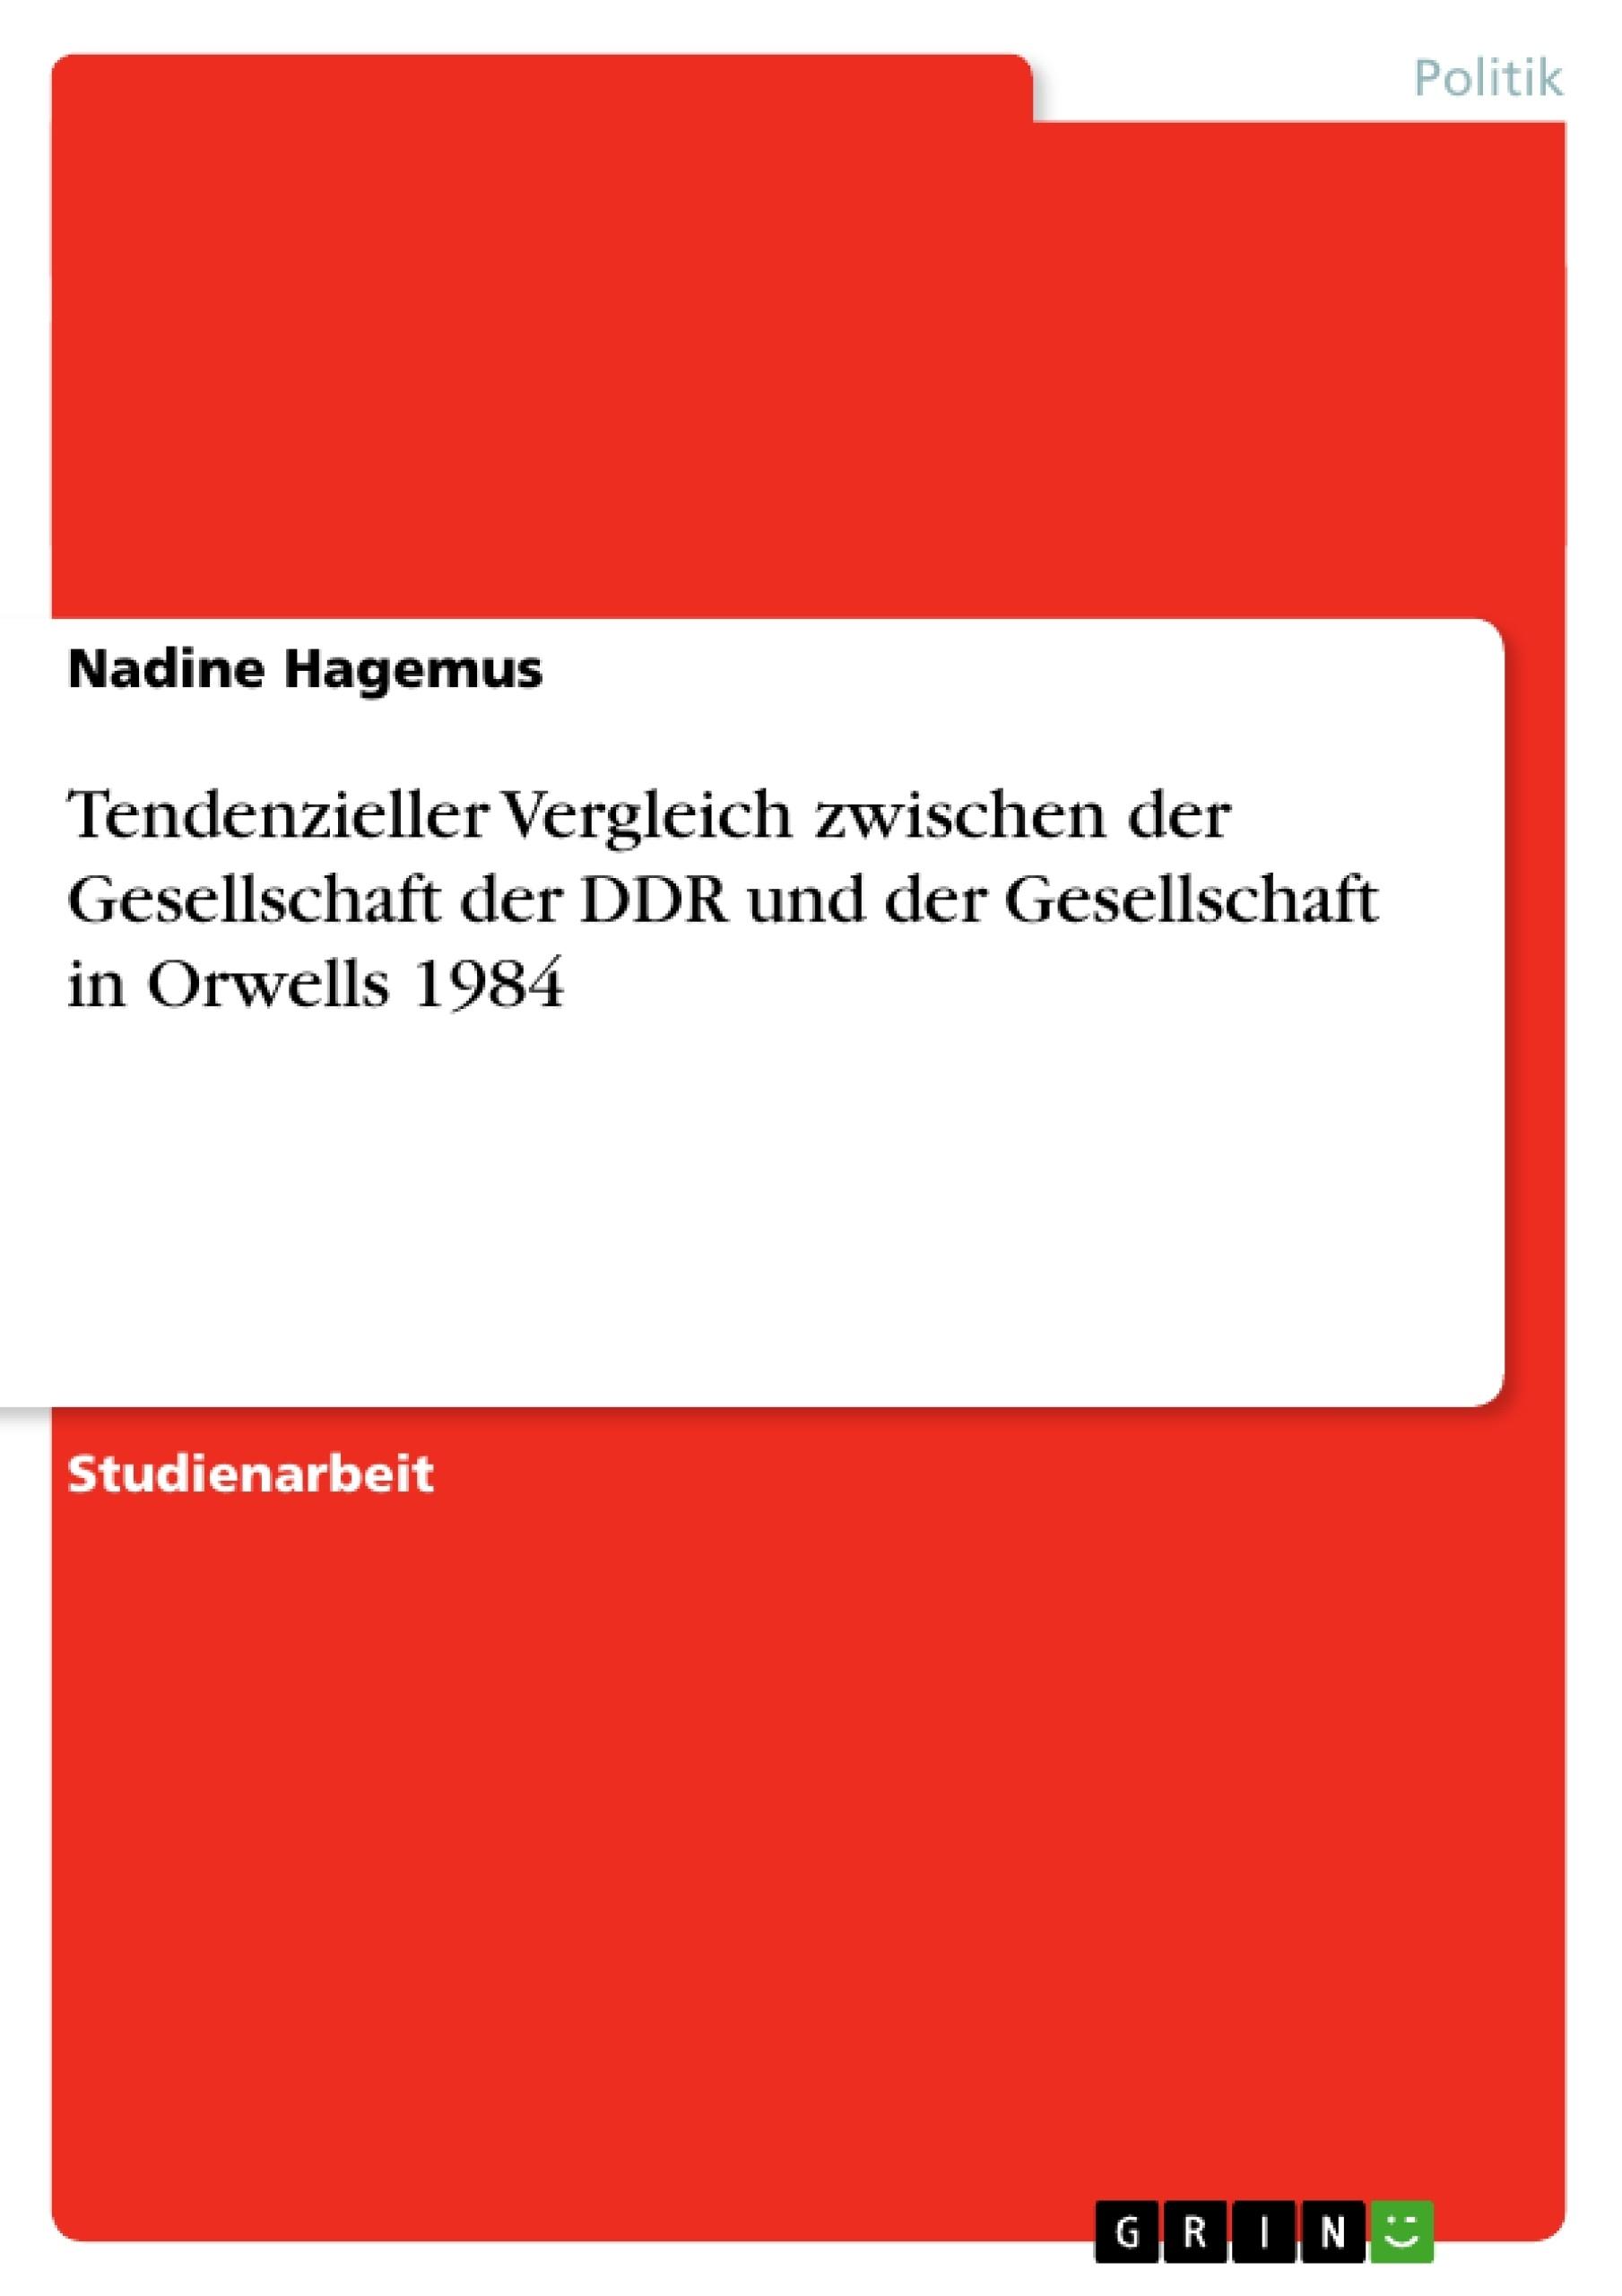 Titel: Tendenzieller Vergleich zwischen der Gesellschaft der DDR und der Gesellschaft in Orwells 1984